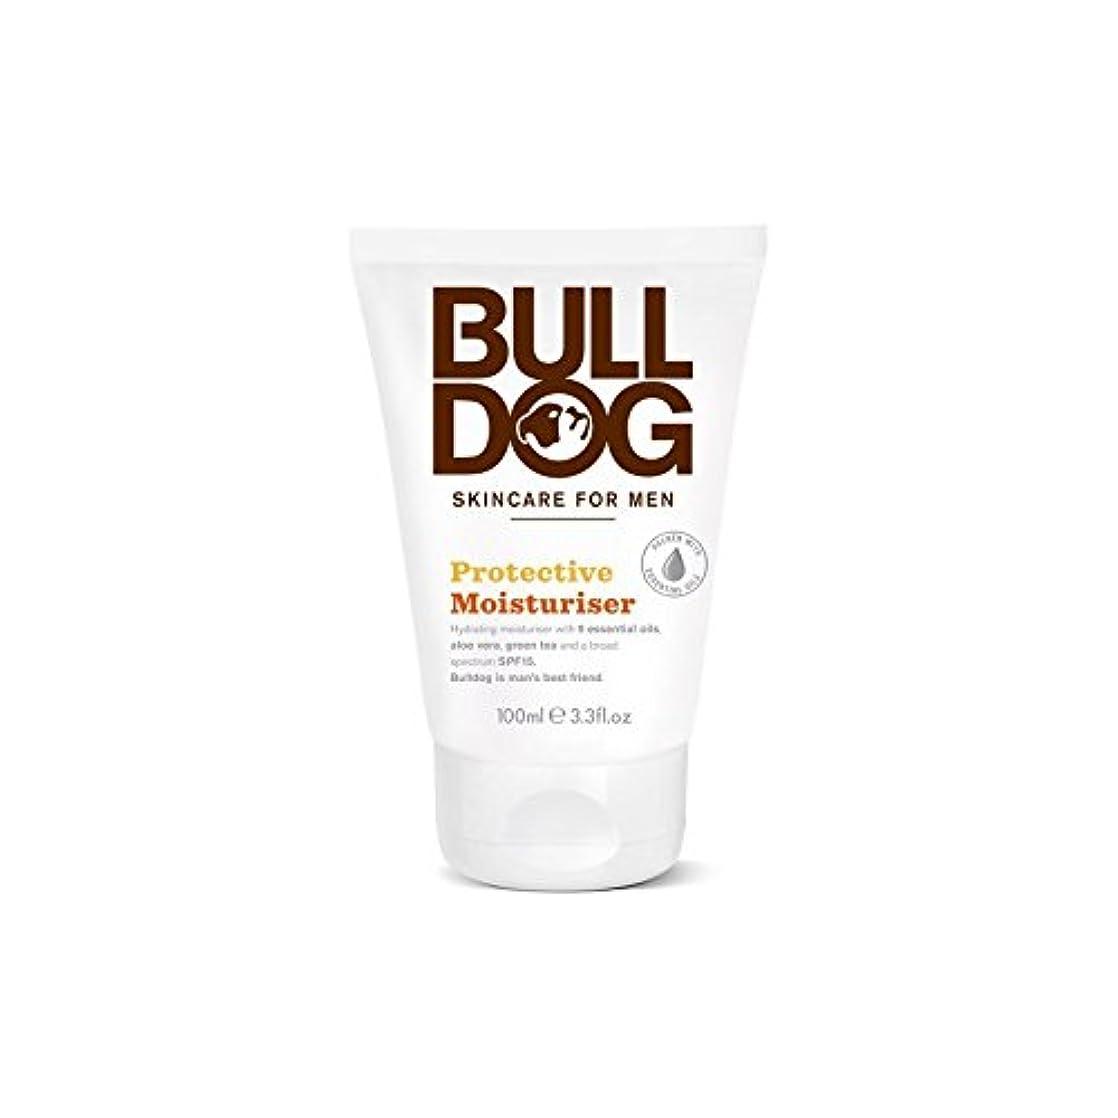 一生サイレント精度ブルドッグ保護保湿成分(100ミリリットル) x4 - Bulldog Protective Moisturiser (100ml) (Pack of 4) [並行輸入品]